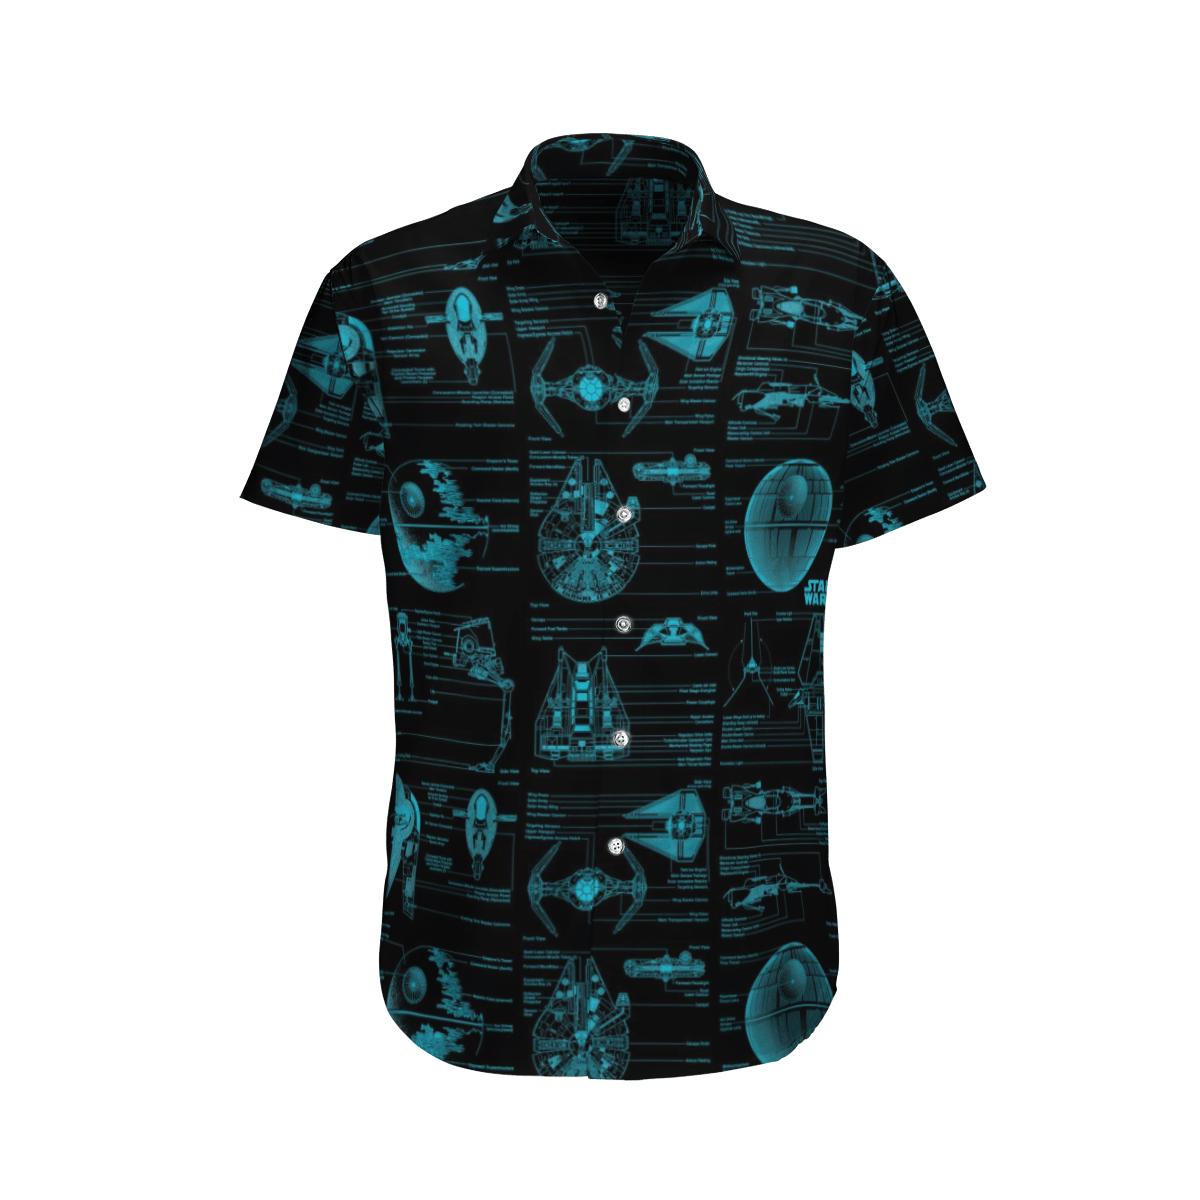 Star wars Blueprint Drawings of Spaceships Hawaiian Shirt